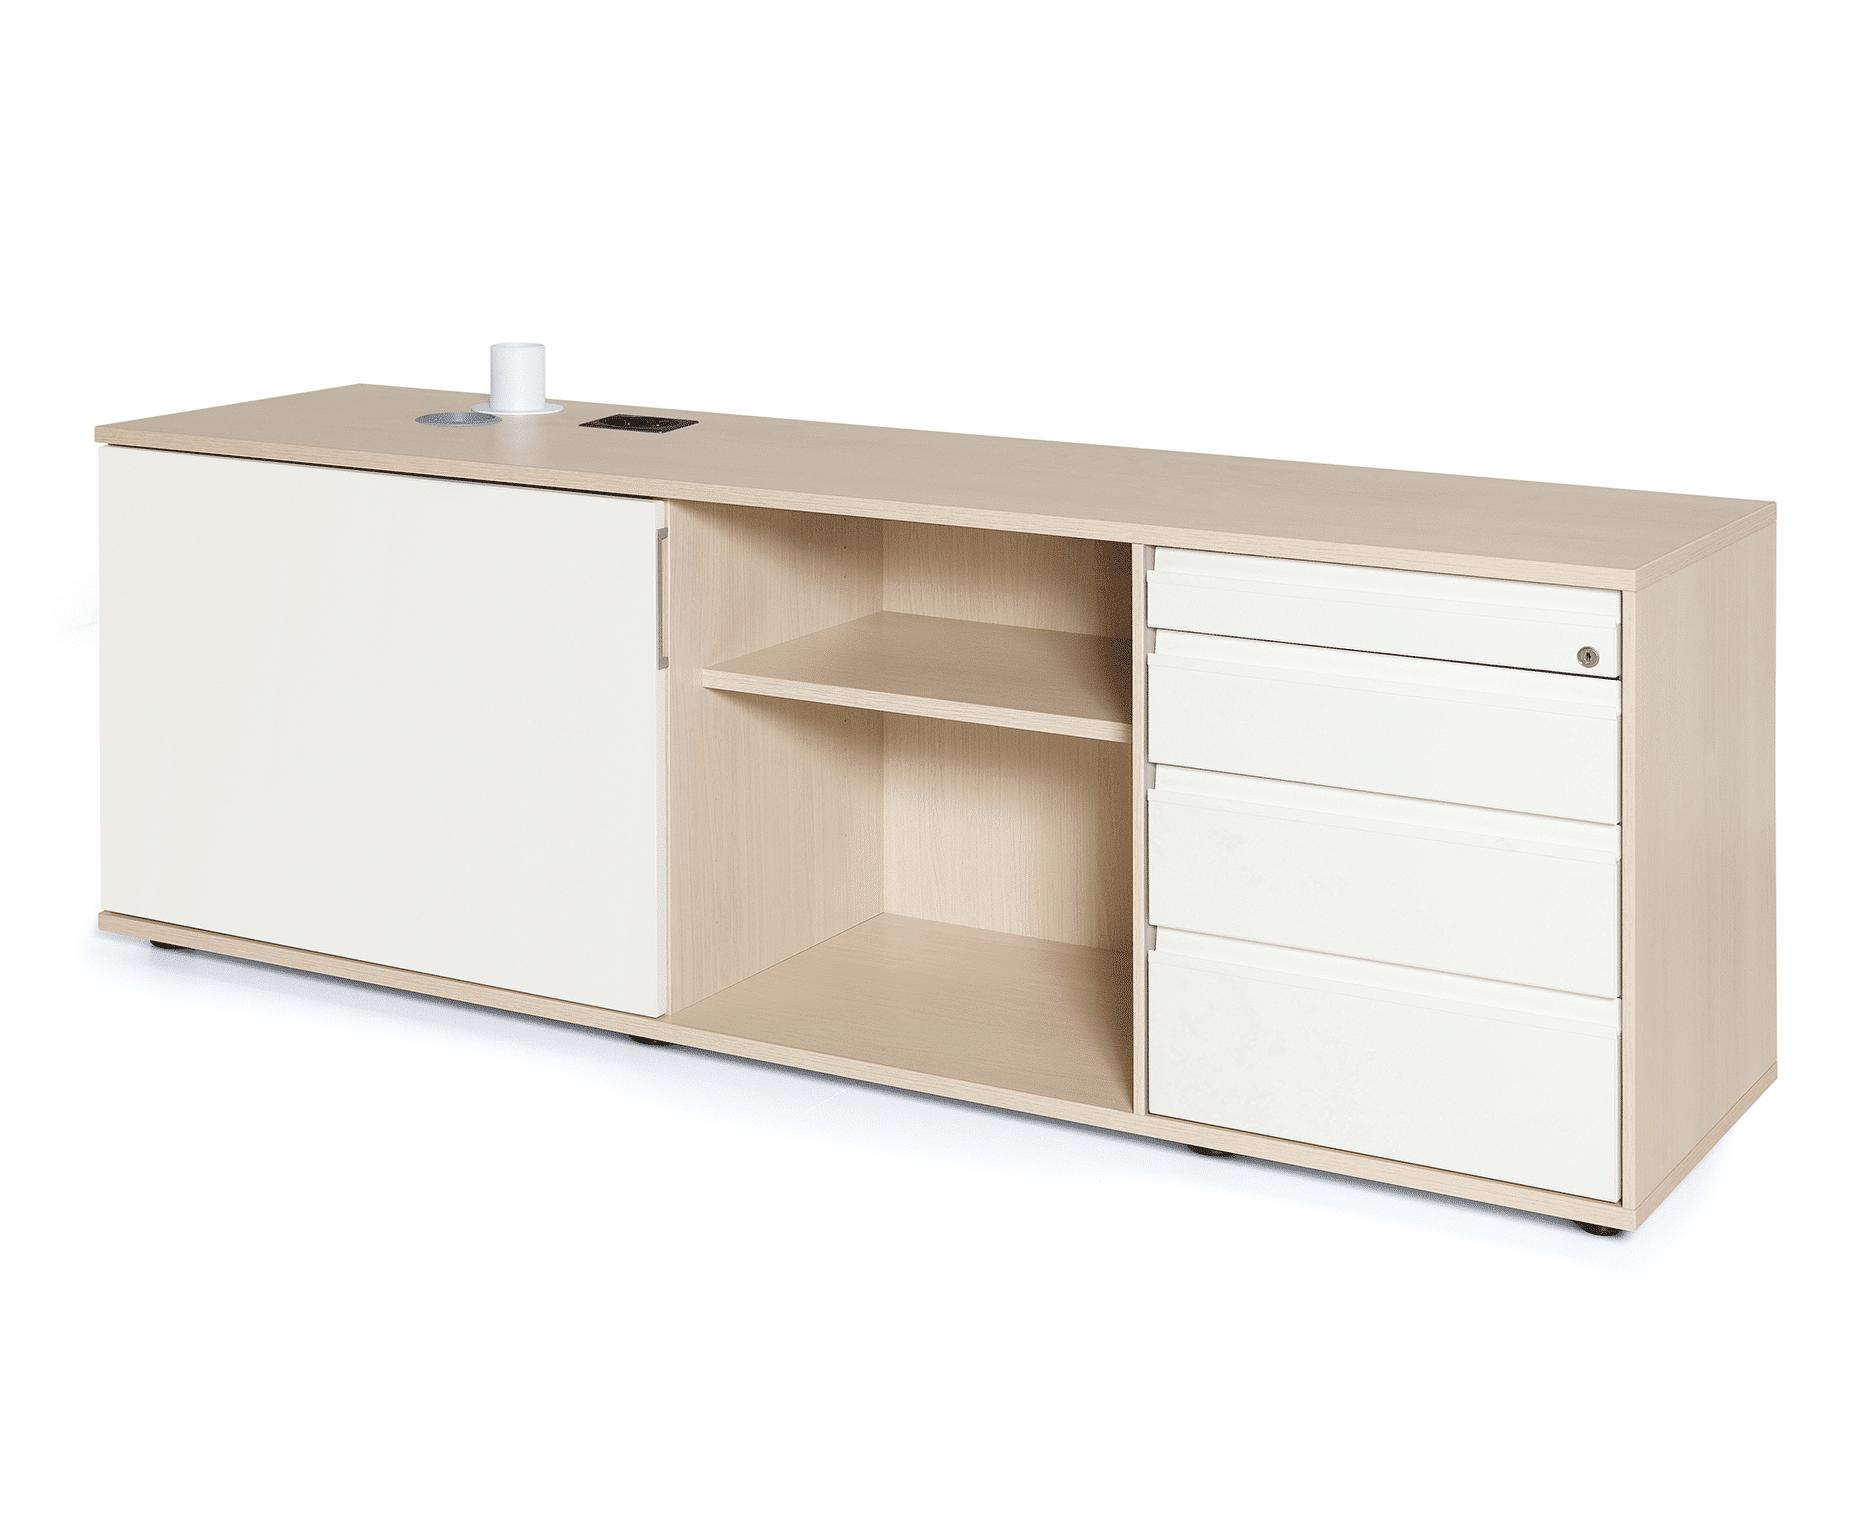 hali Büromöbel, Sideboard, SB03, Stauraum, Tisch, Kombination